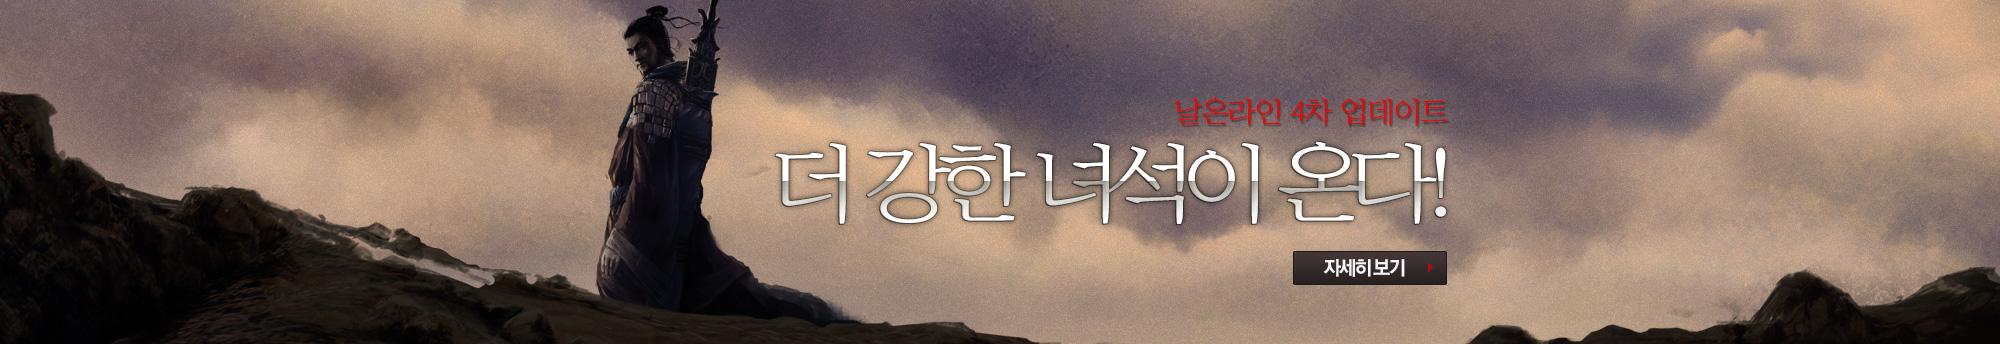 날온라인 4차 업데이트